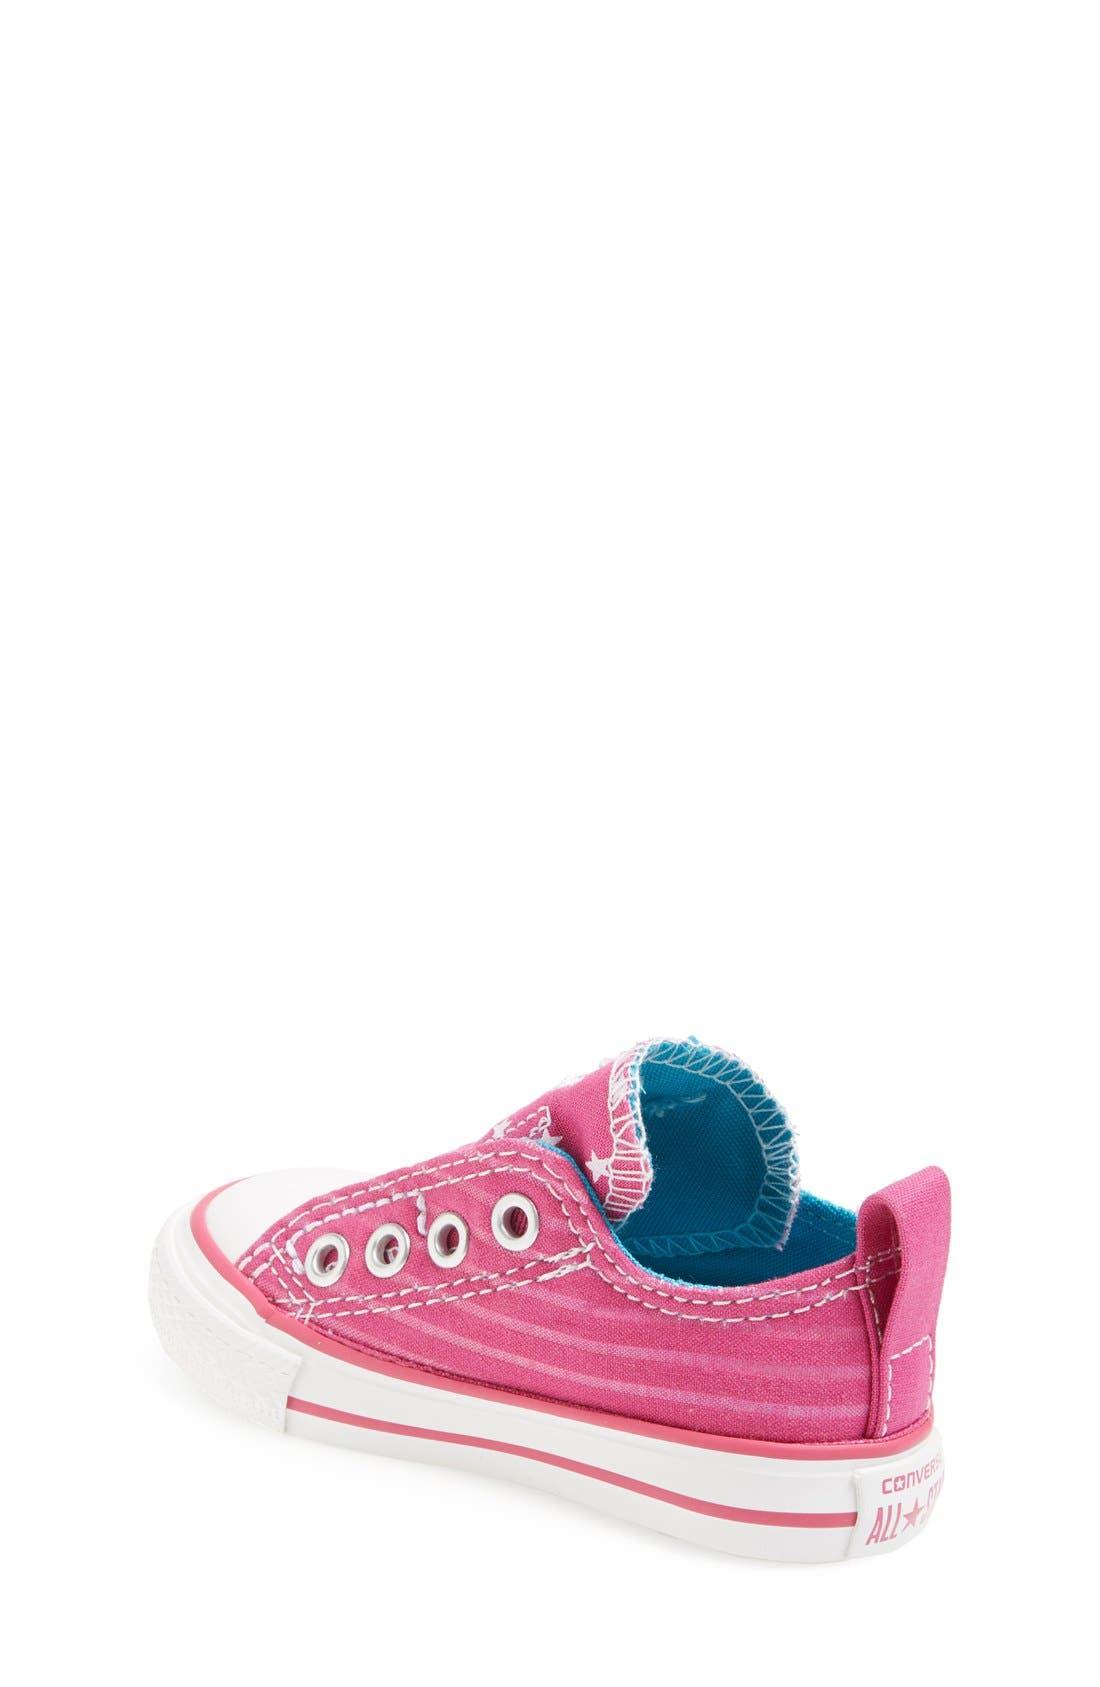 Alternate Image 2  - Converse All Star® Slip-On Sneaker (Baby, Walker & Toddler)